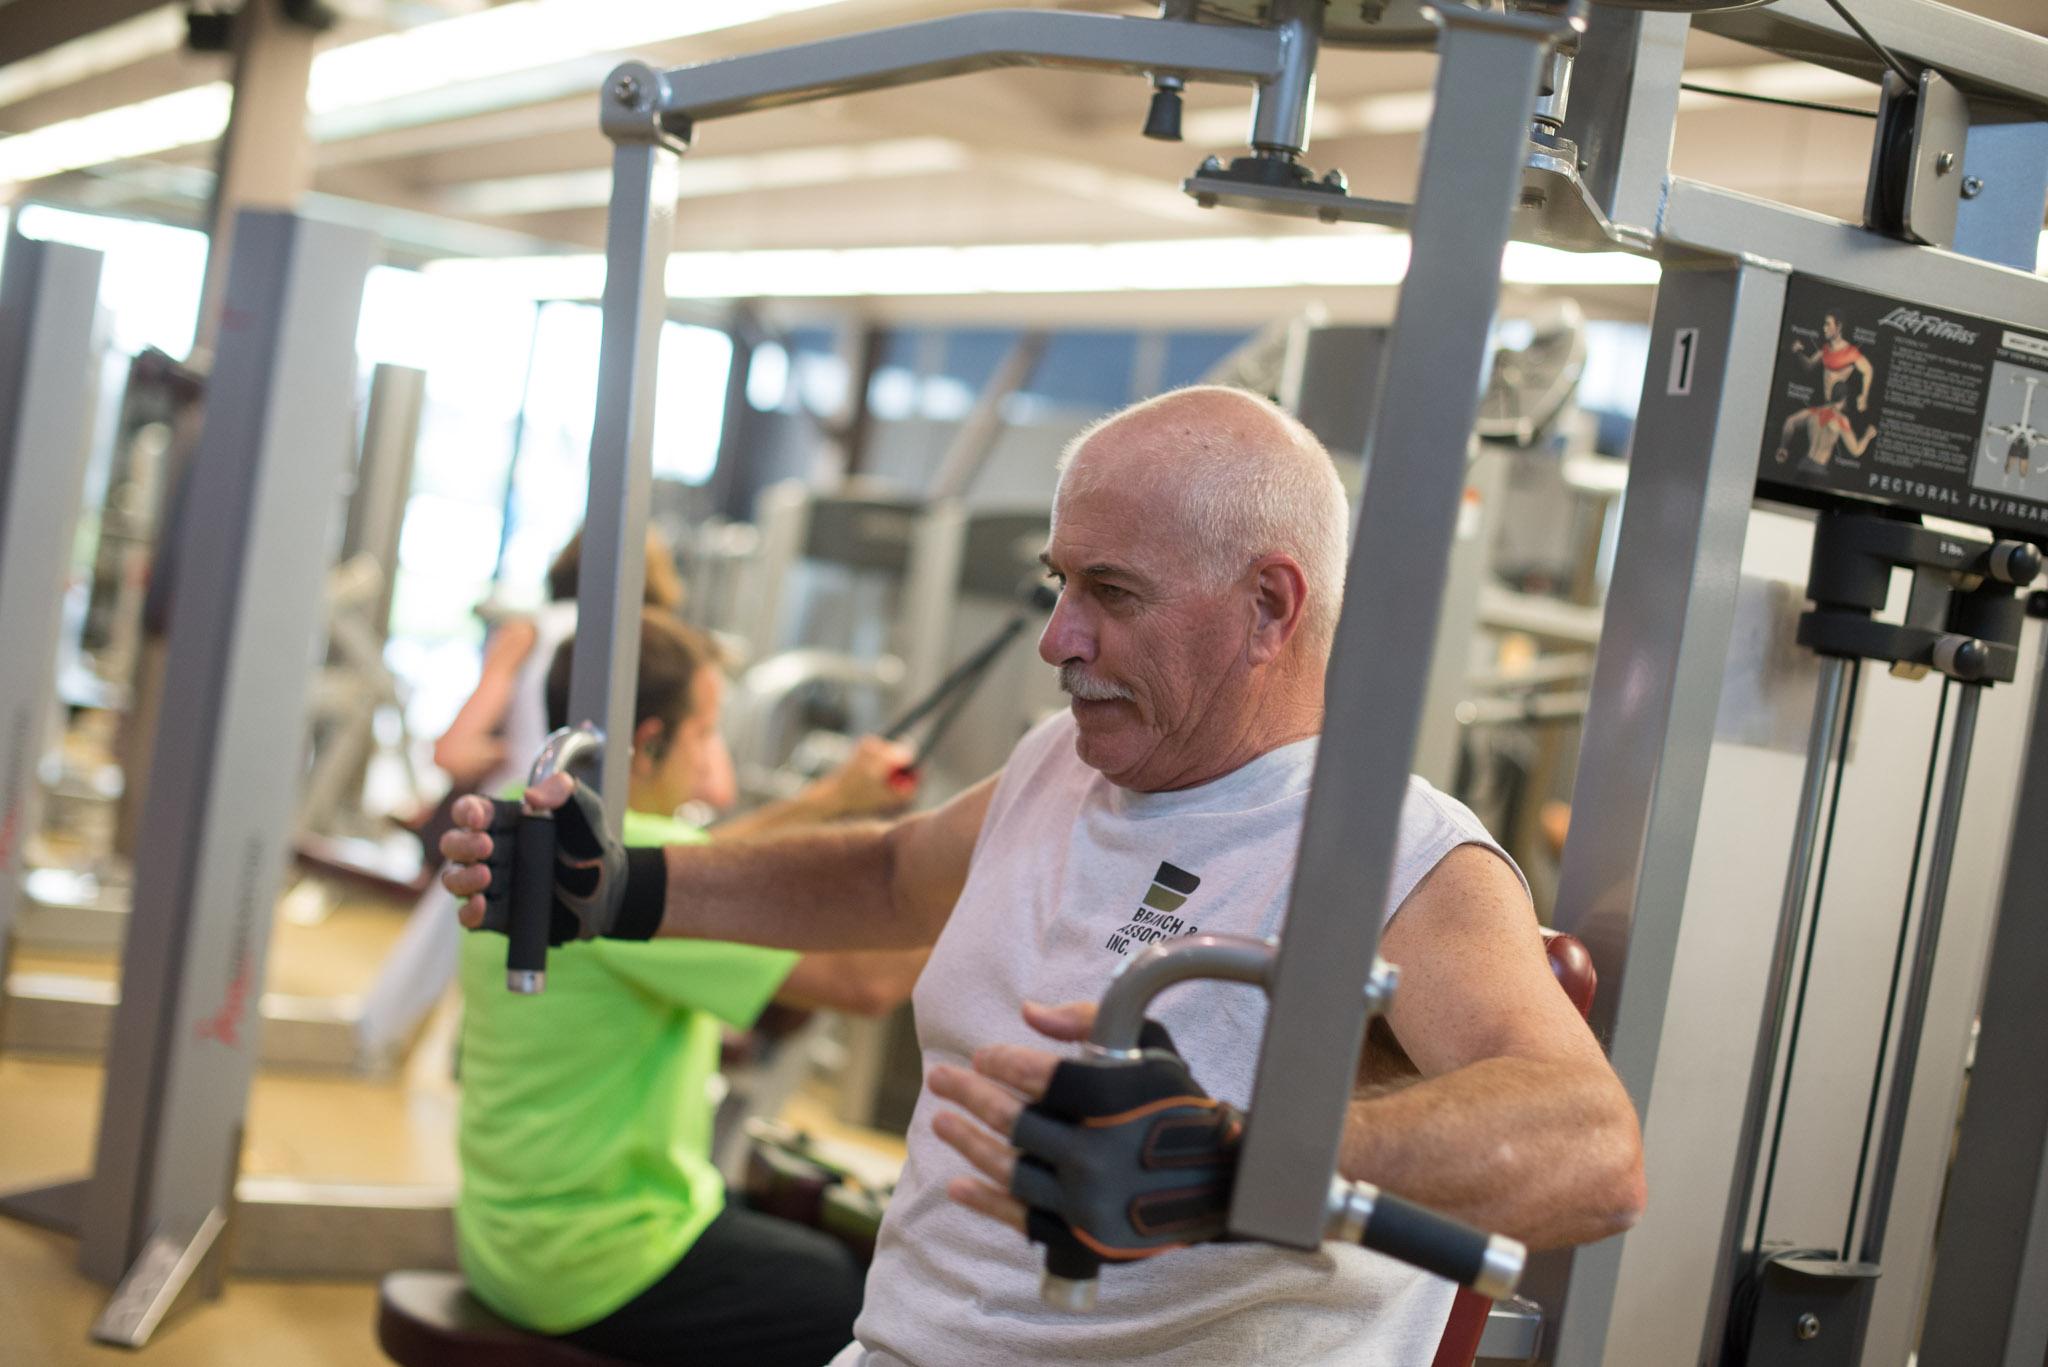 Wellness Center Stock Photos-1247.jpg